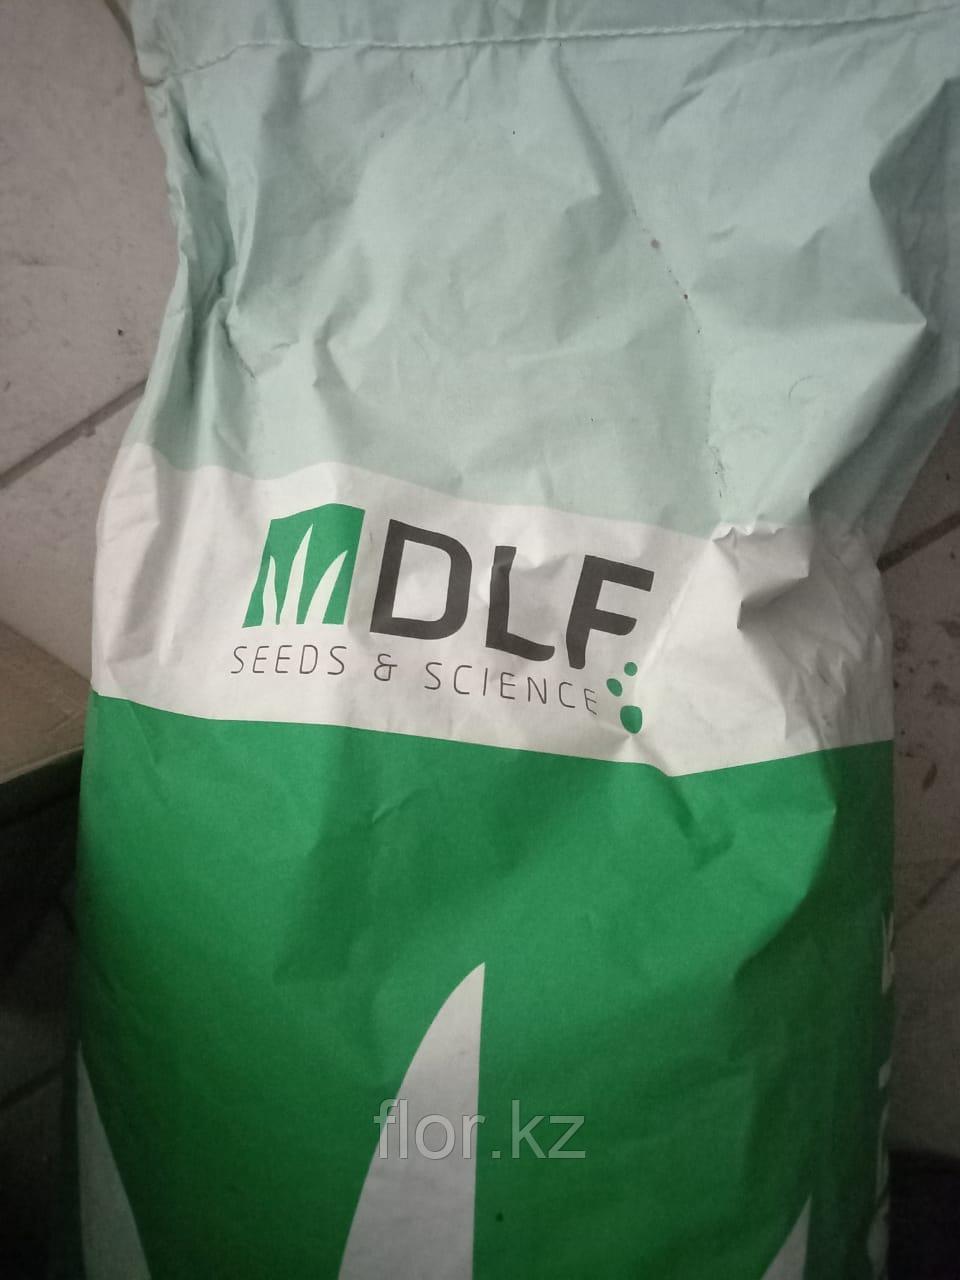 Продадим семена газонной травы производство Дания DLF 1990 тг/кг